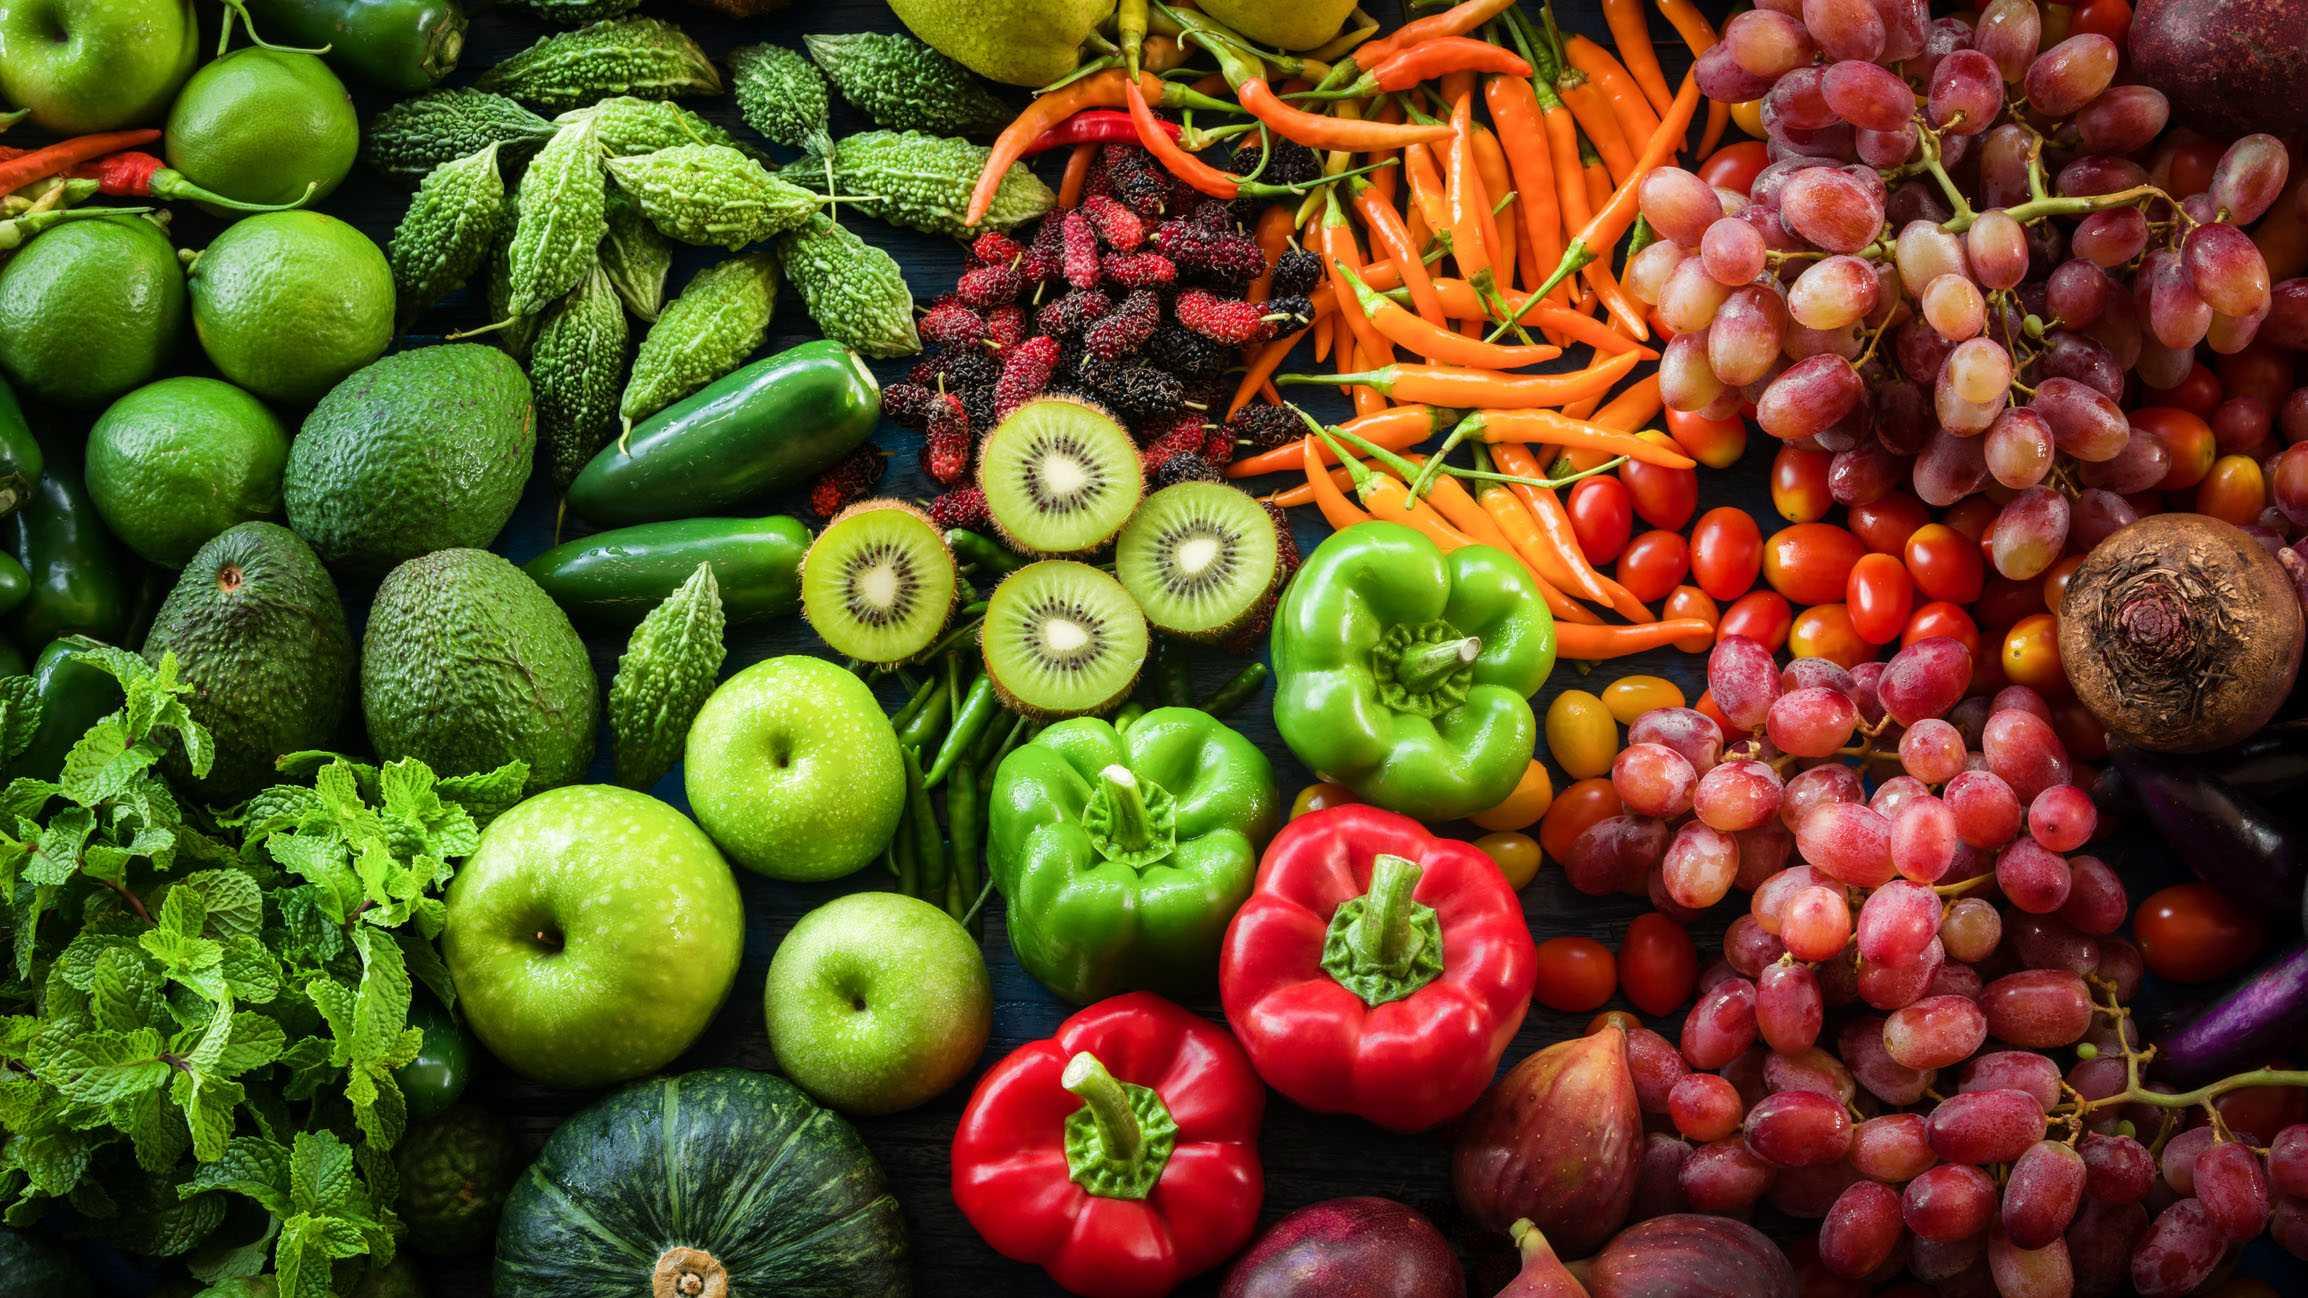 Los asociados de Proexport presentan un centenar de referencias en frutas y hortalizas en Berlín